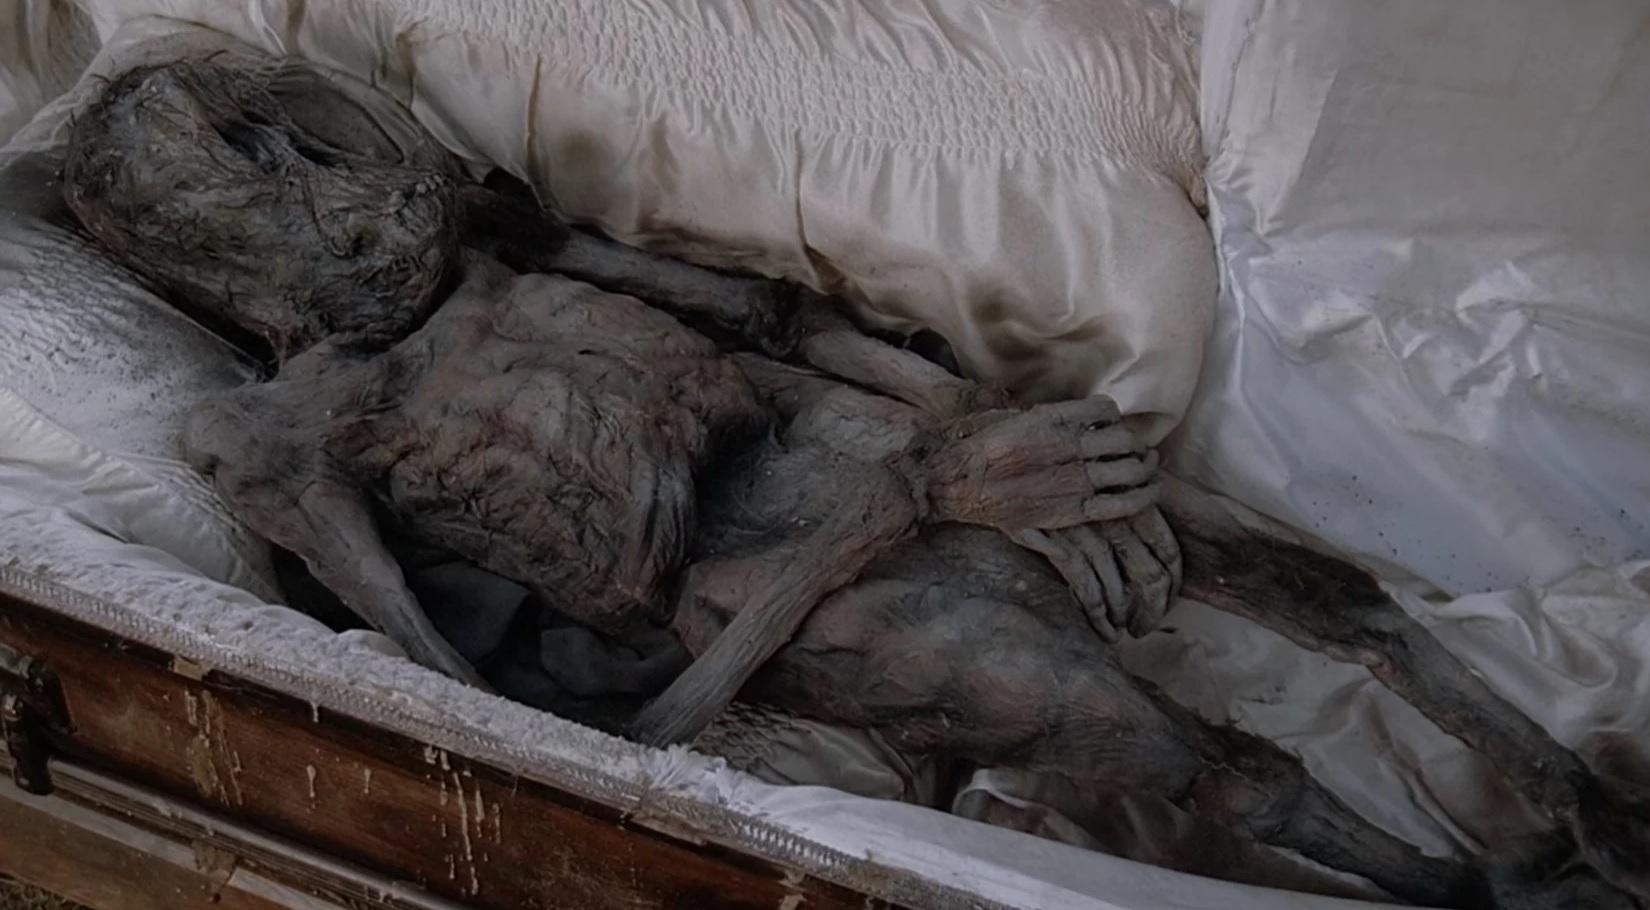 Mammalian corpse